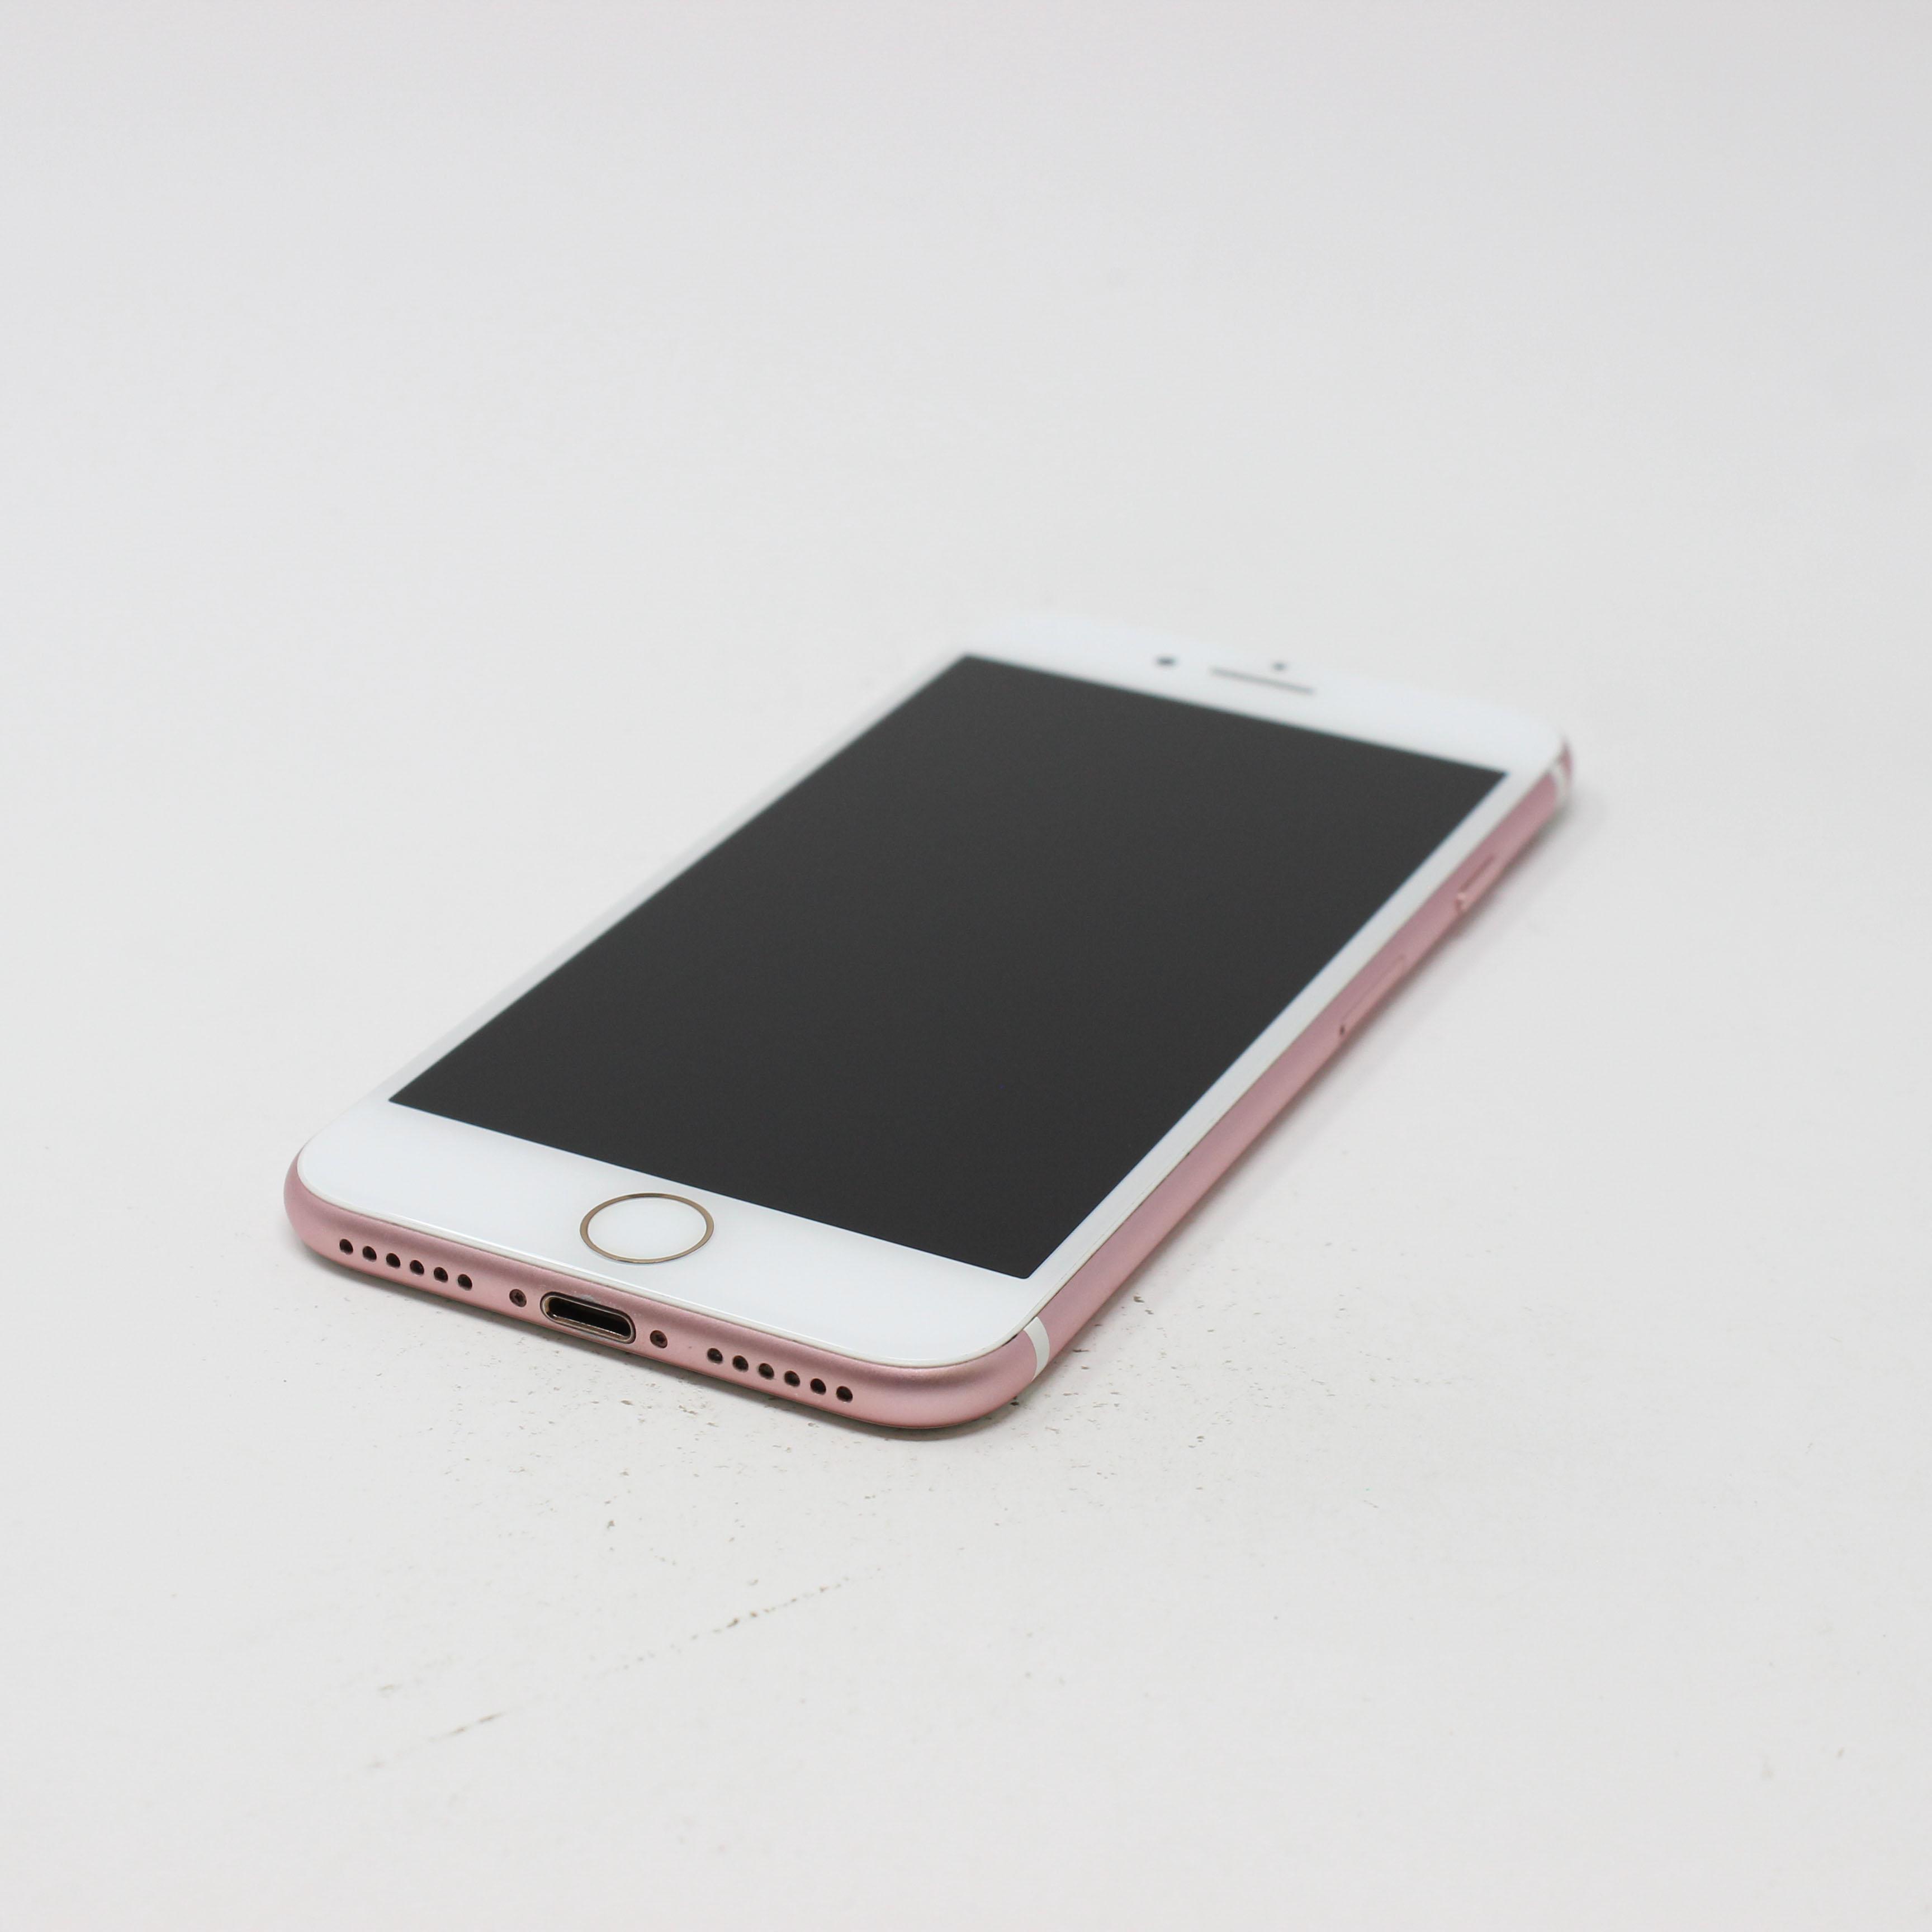 iPhone 7 128GB Rose Gold - AT&T photo 6 | UpTradeit.com